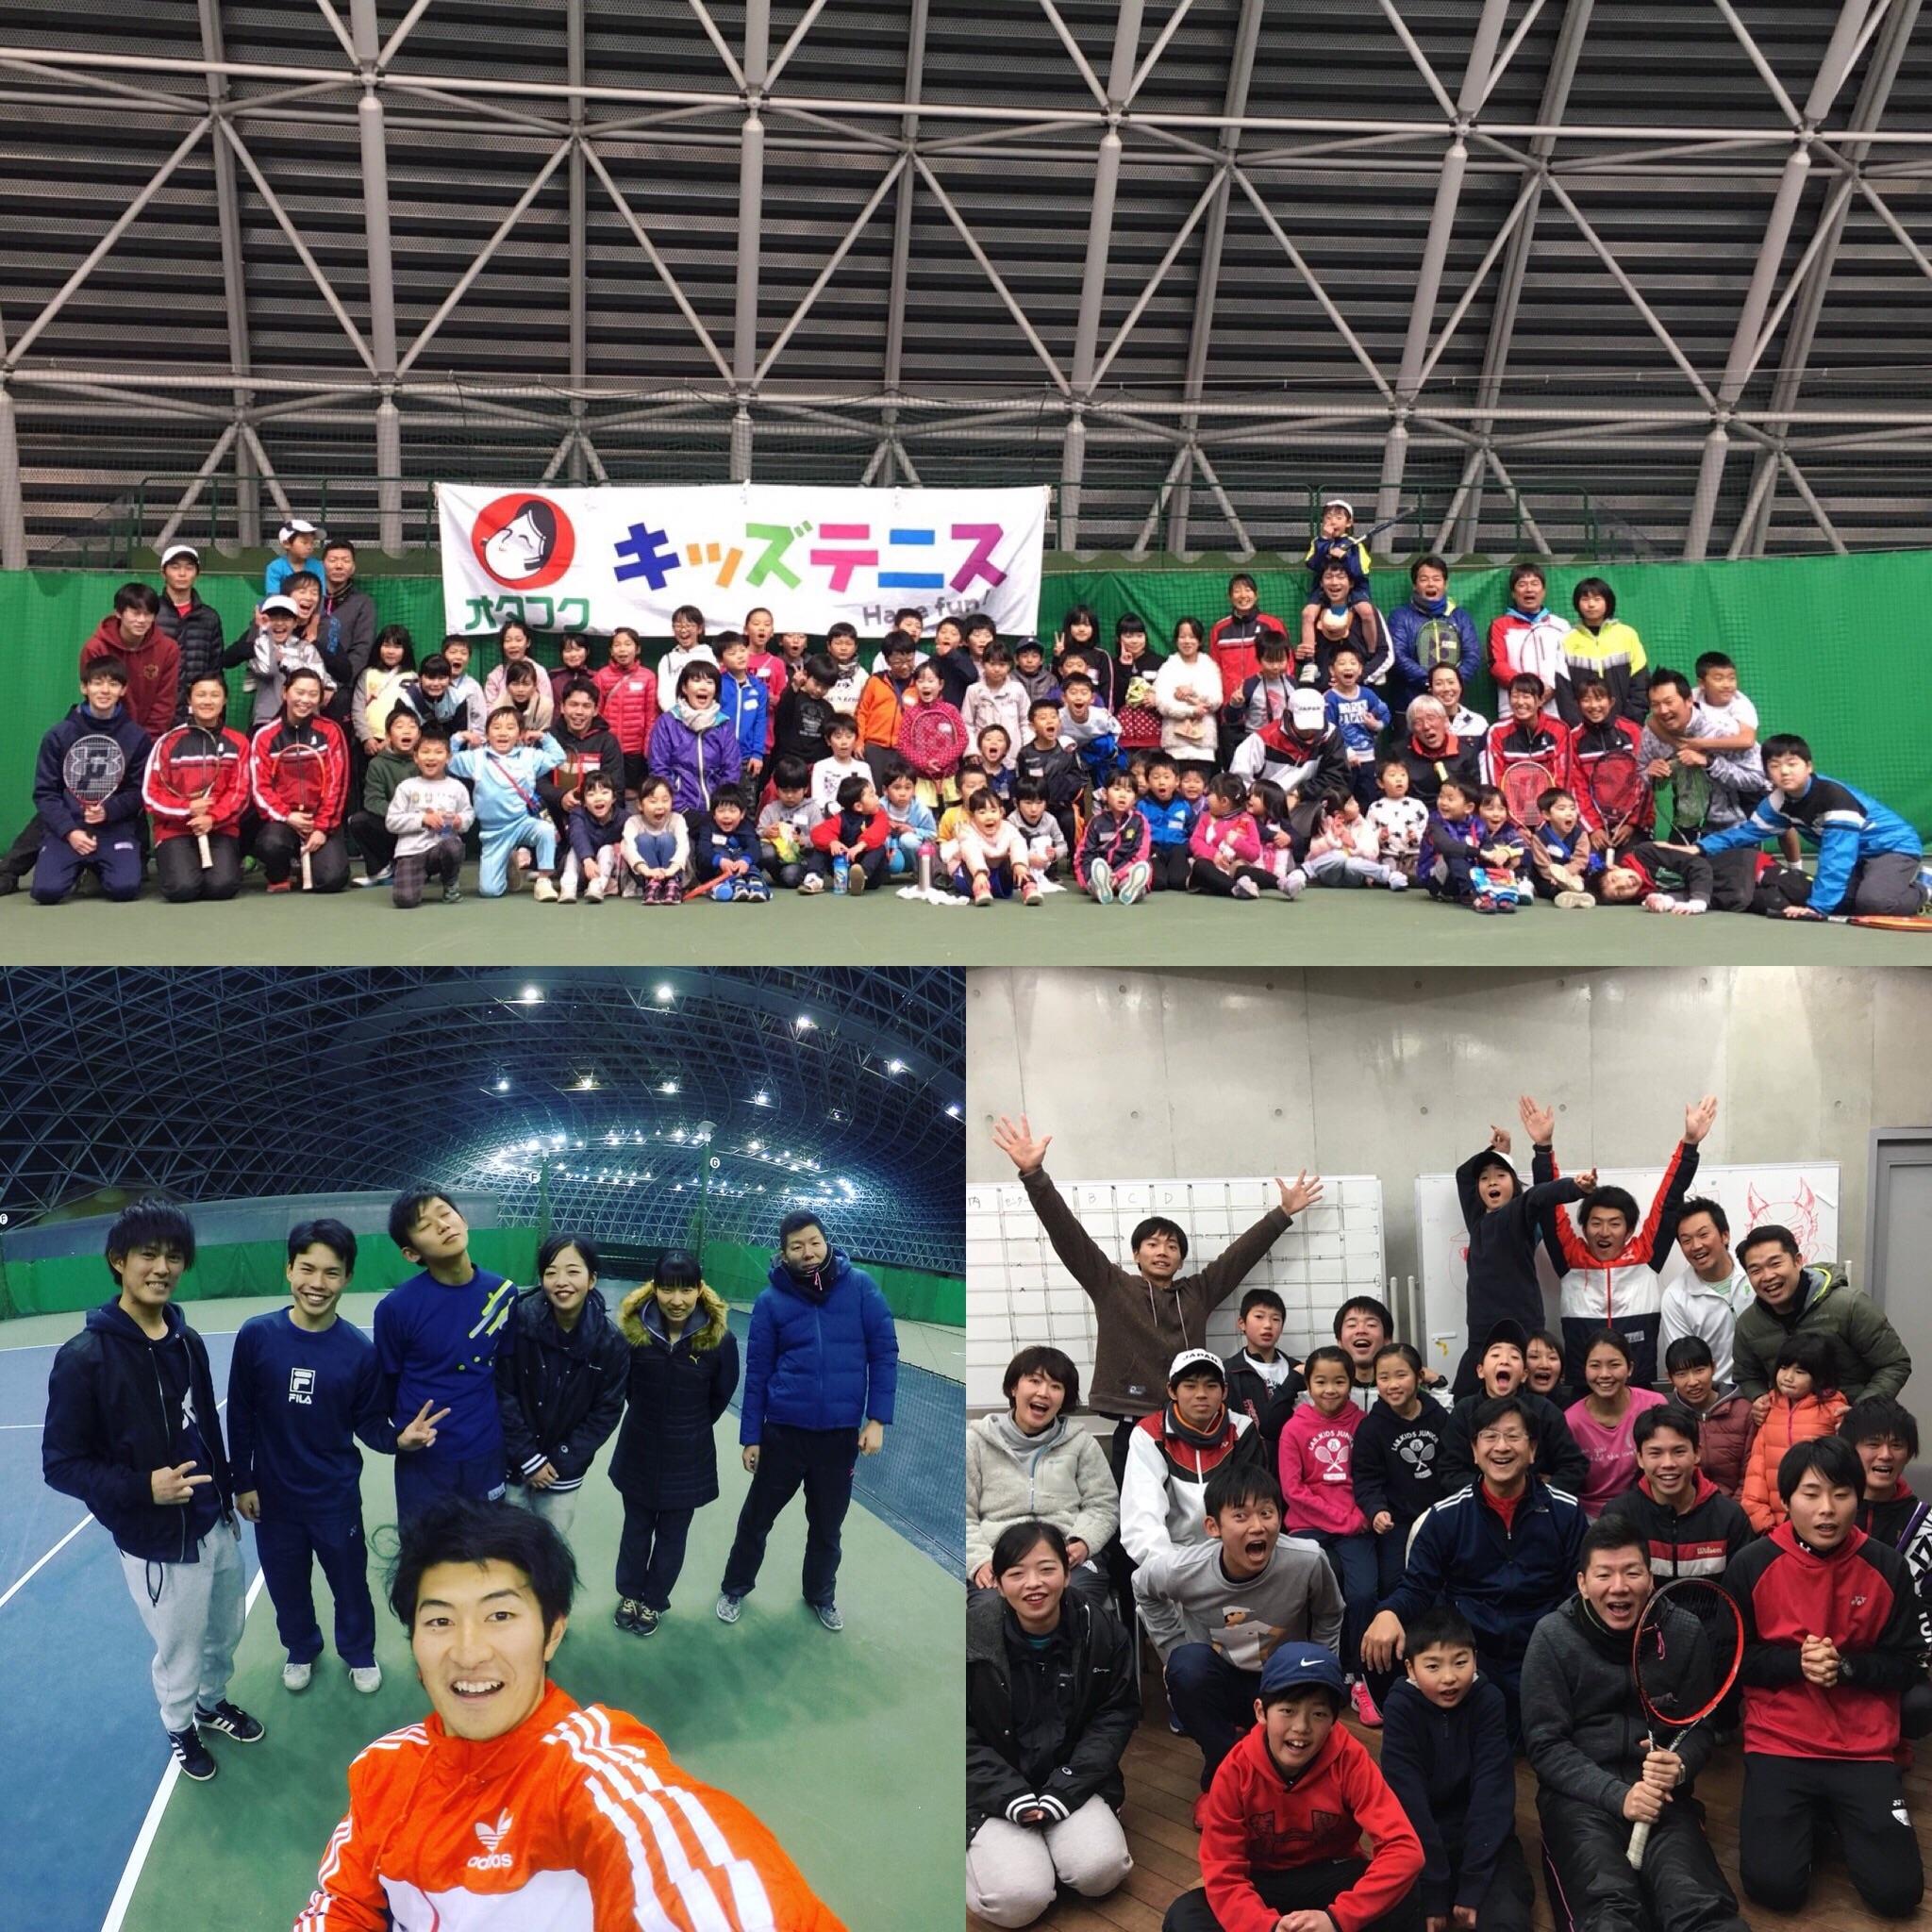 f:id:naoyuki426:20180206122057j:image